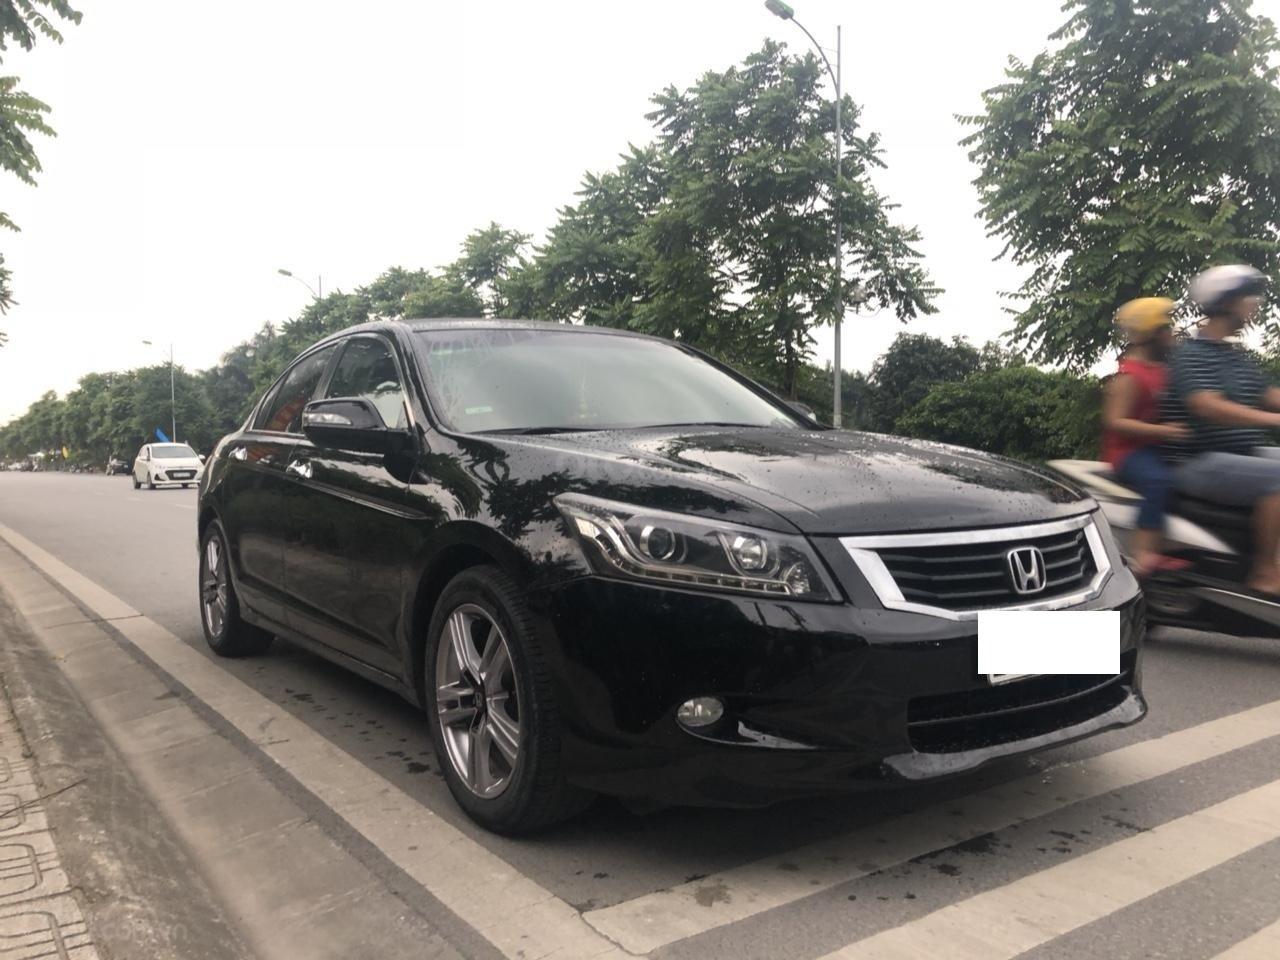 Bán ô tô Honda Accord 2.0 năm sản xuất 2010, màu đen, nhập khẩu nguyên chiếc (4)